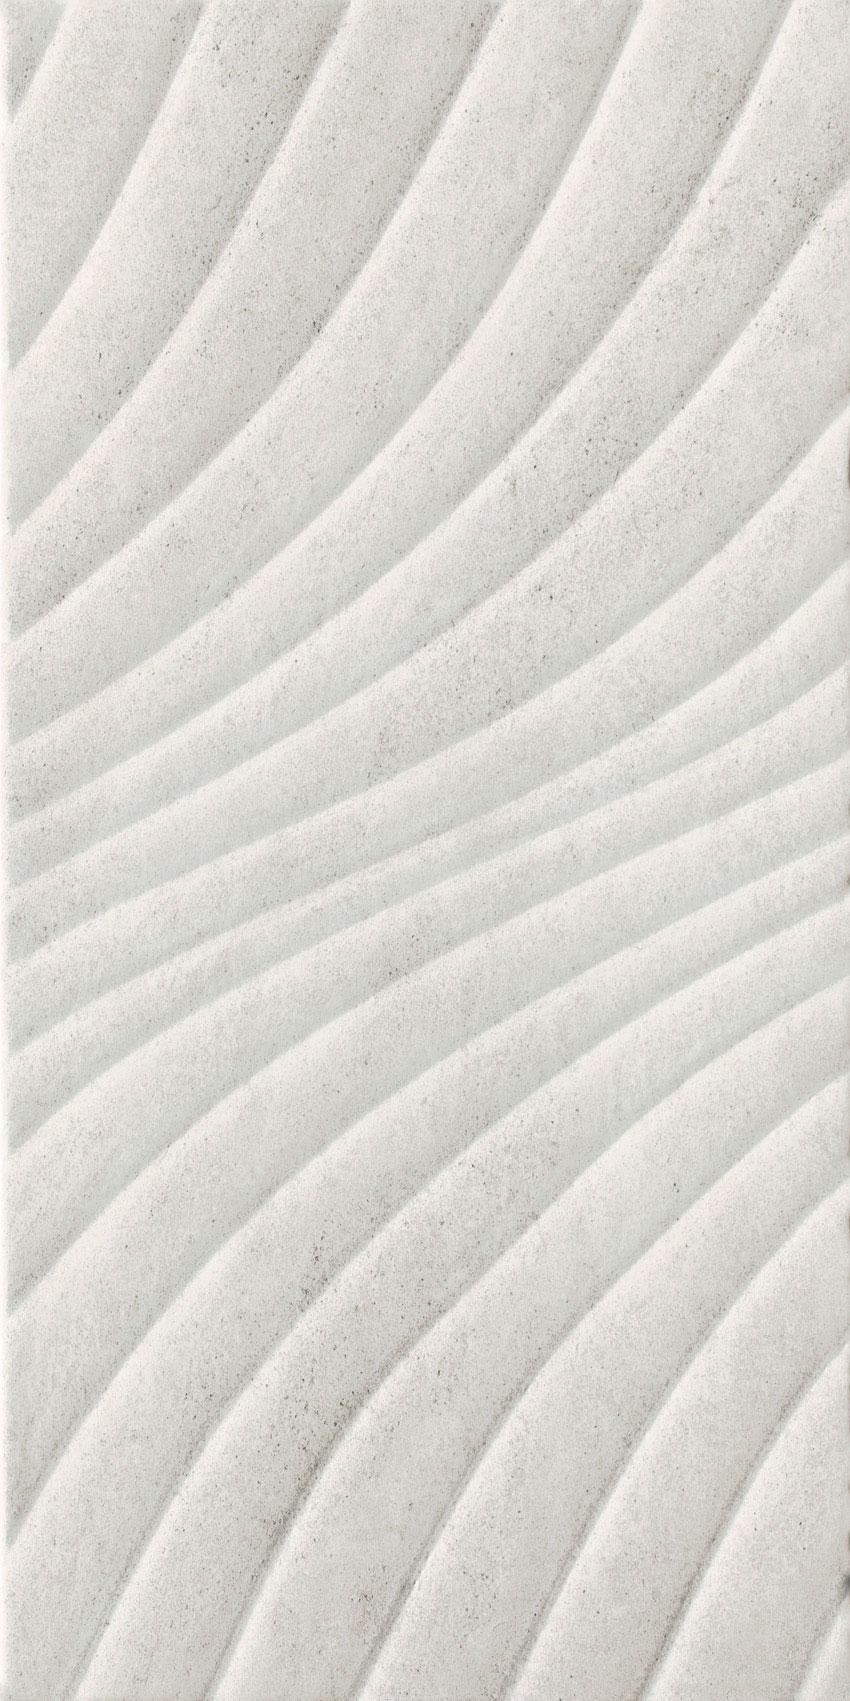 Настенная плитка Ceramika Paradyz Emilly grys struktura 30x60 (0,9) бордюр paradyz emilly milio sepia 2 3x60